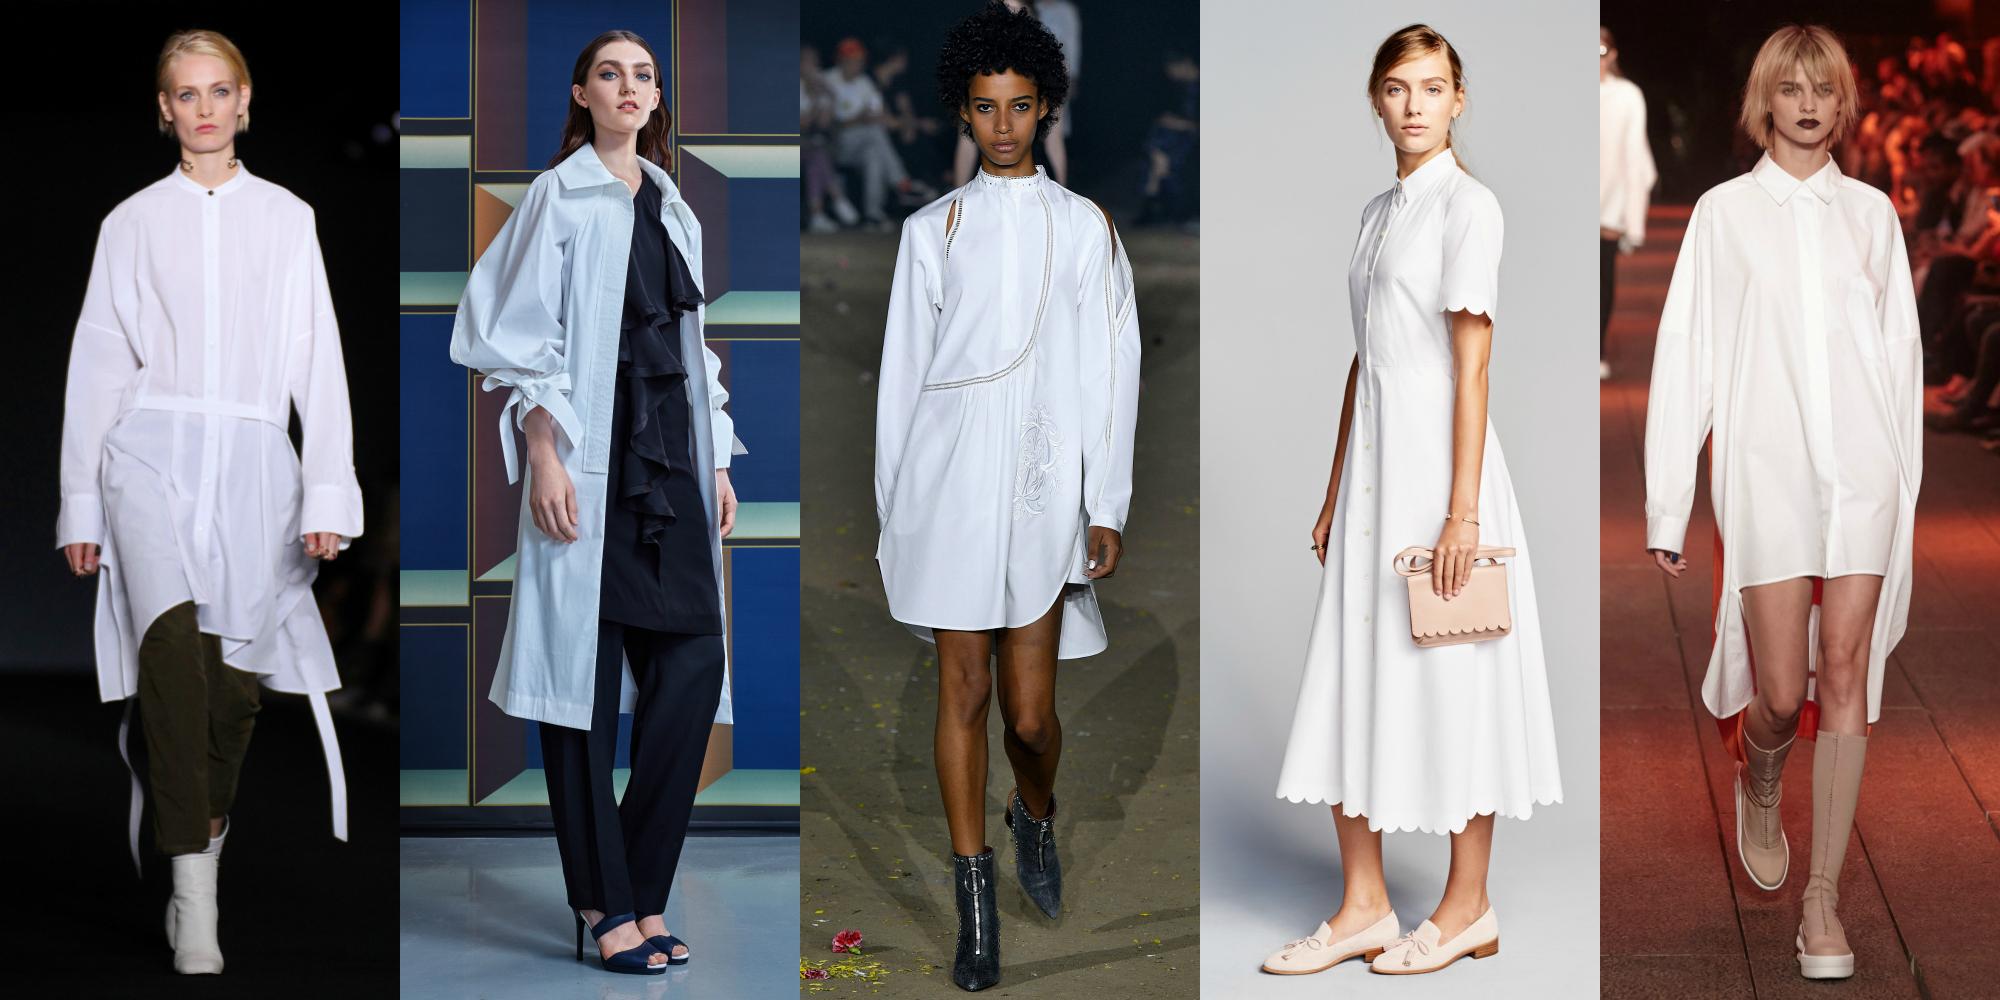 elle-trends-spring-summer-2017-white-shirt-dresses-1.jpg